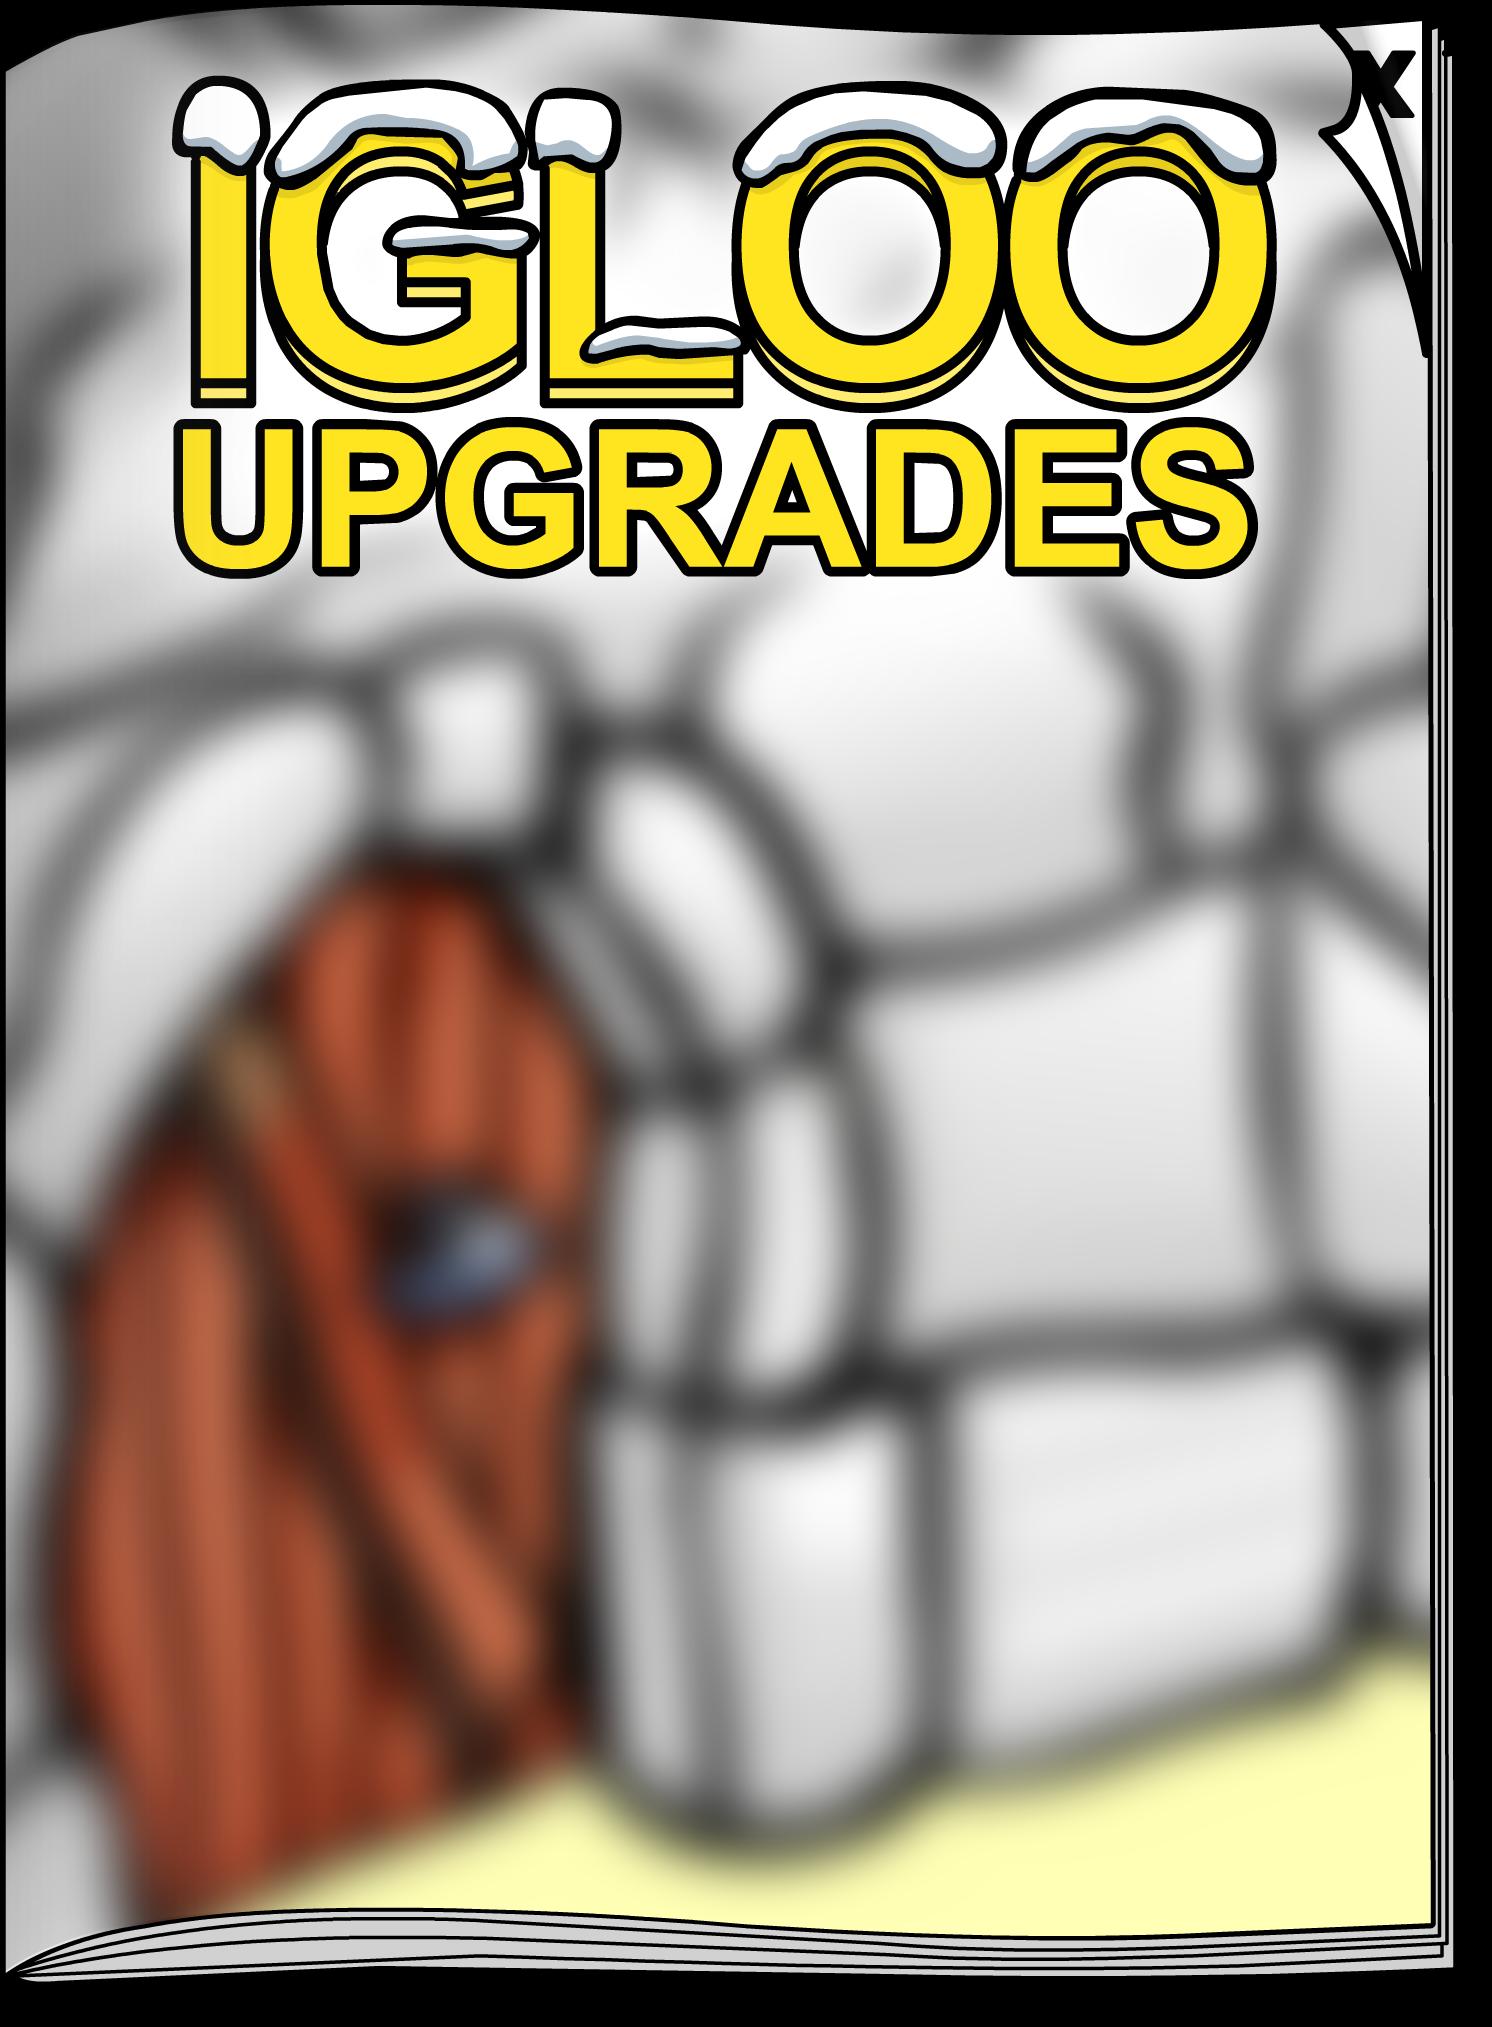 Igloo Upgrades Jun'17